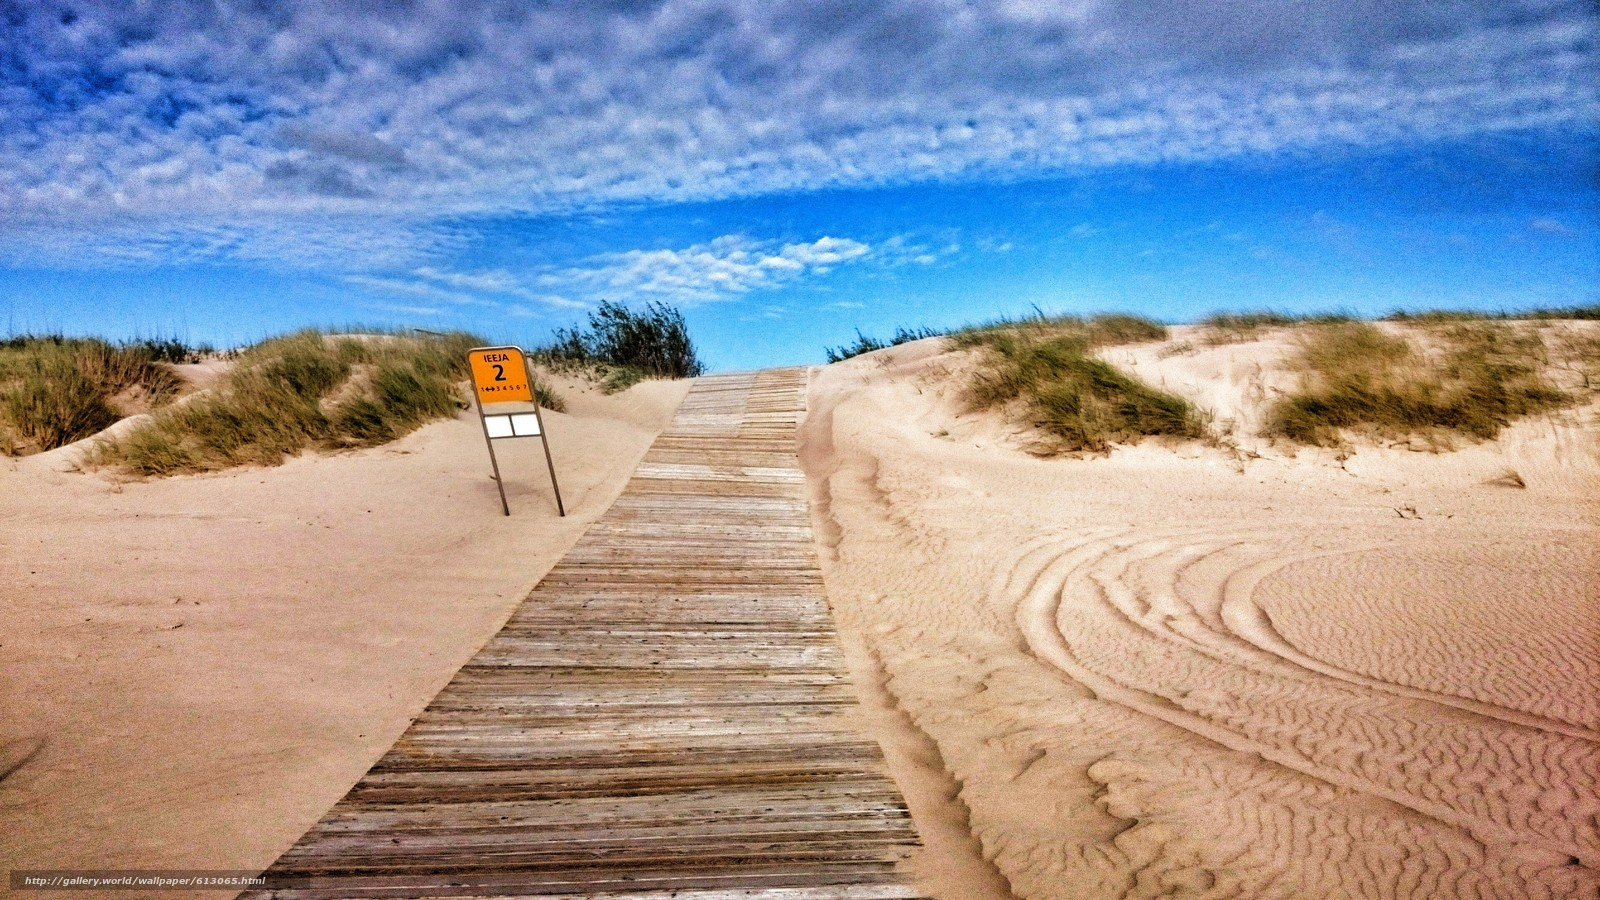 Tlcharger fond d 39 ecran route mer plage ensoleill fonds for Fond ecran plage gratuit